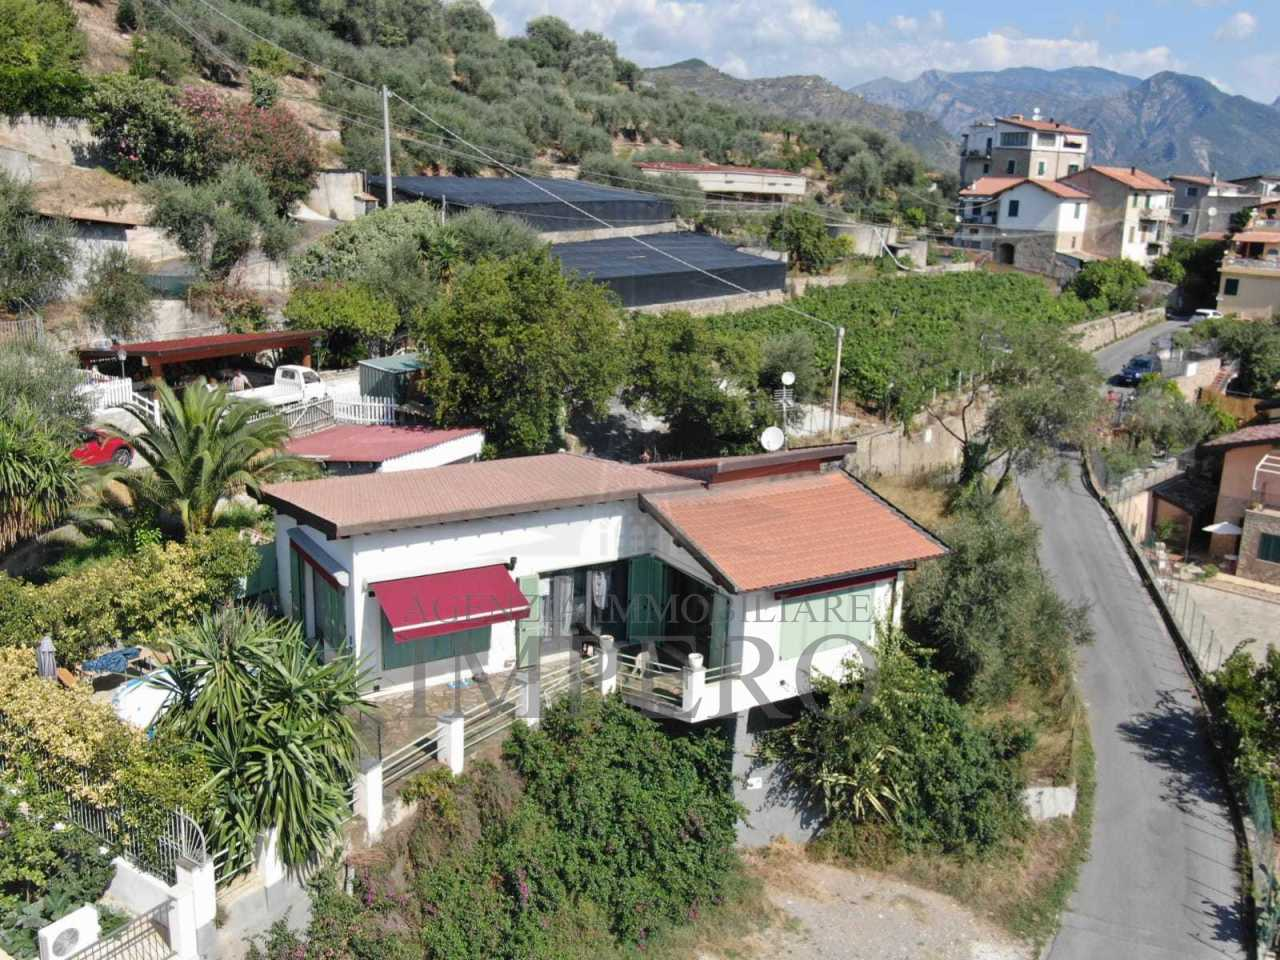 Casa - Indipendente a Seglia, Ventimiglia